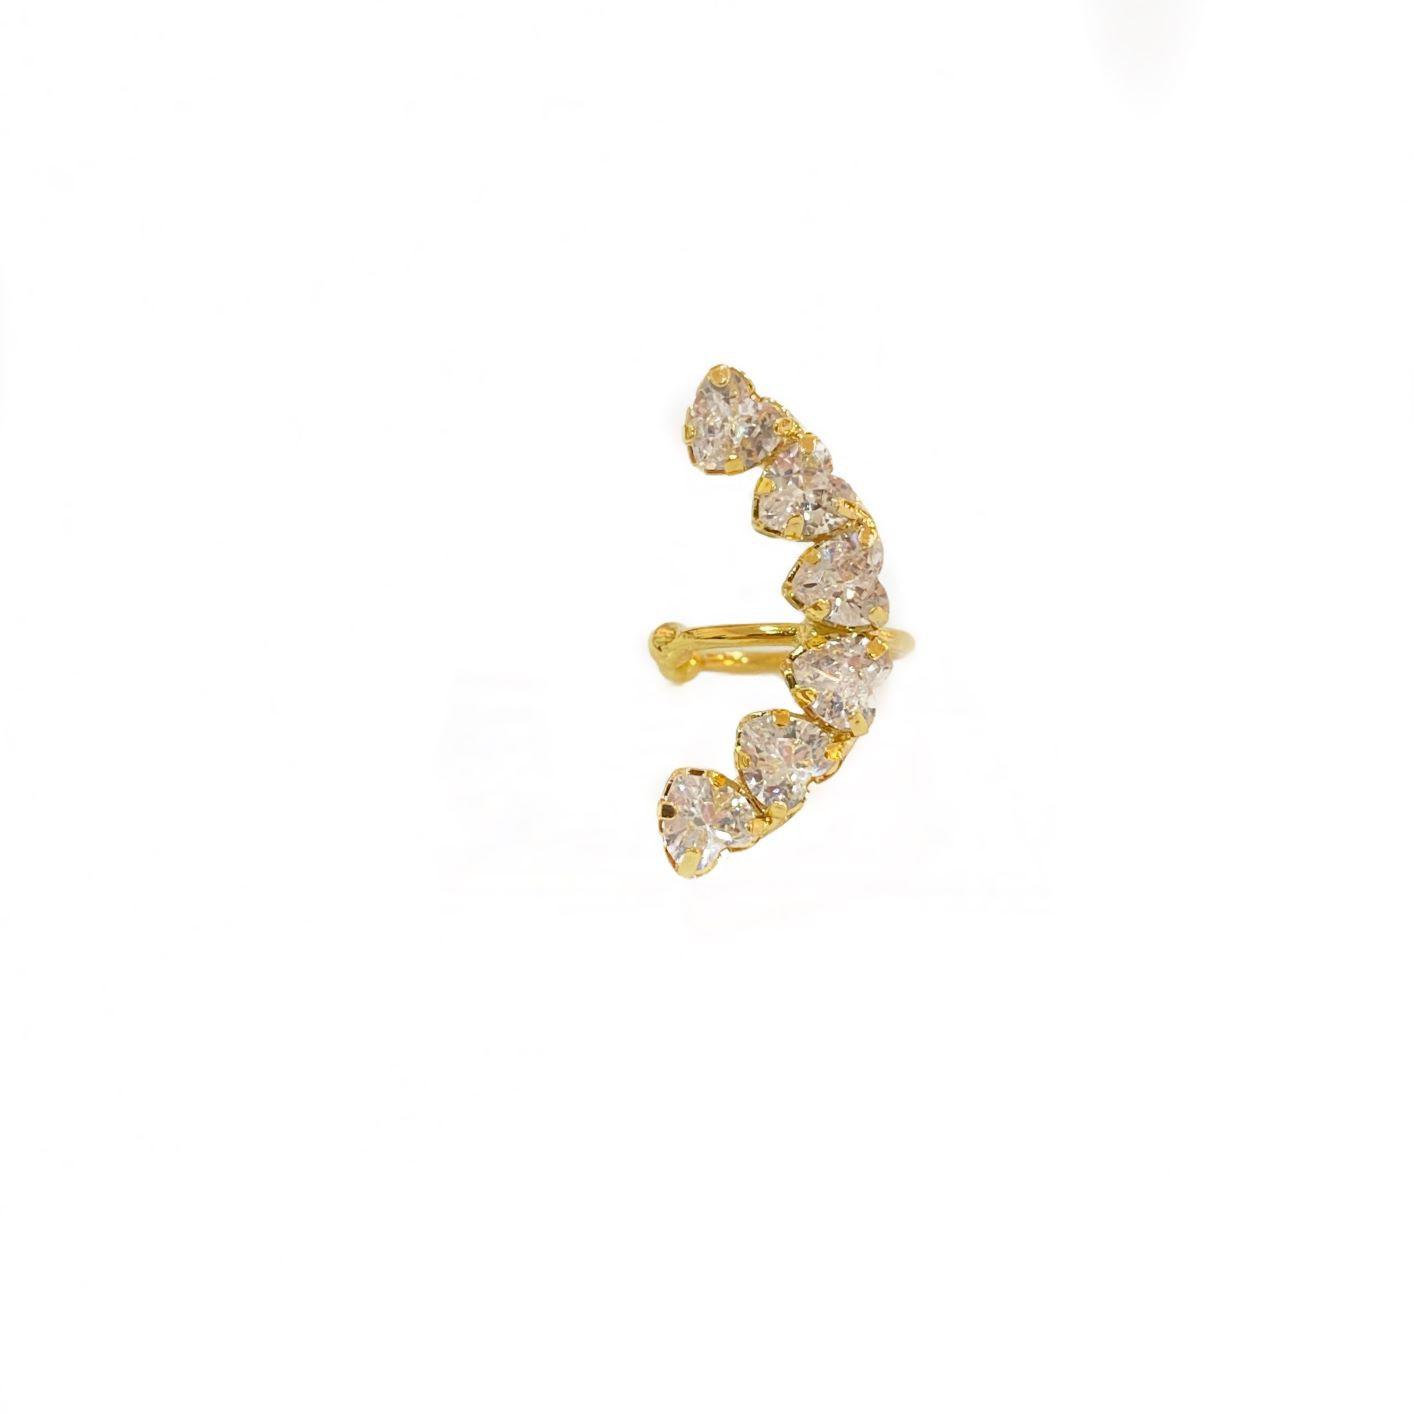 Piercing Fake Concha Helix Cravado em Zircônia (Banho Ouro 24k)